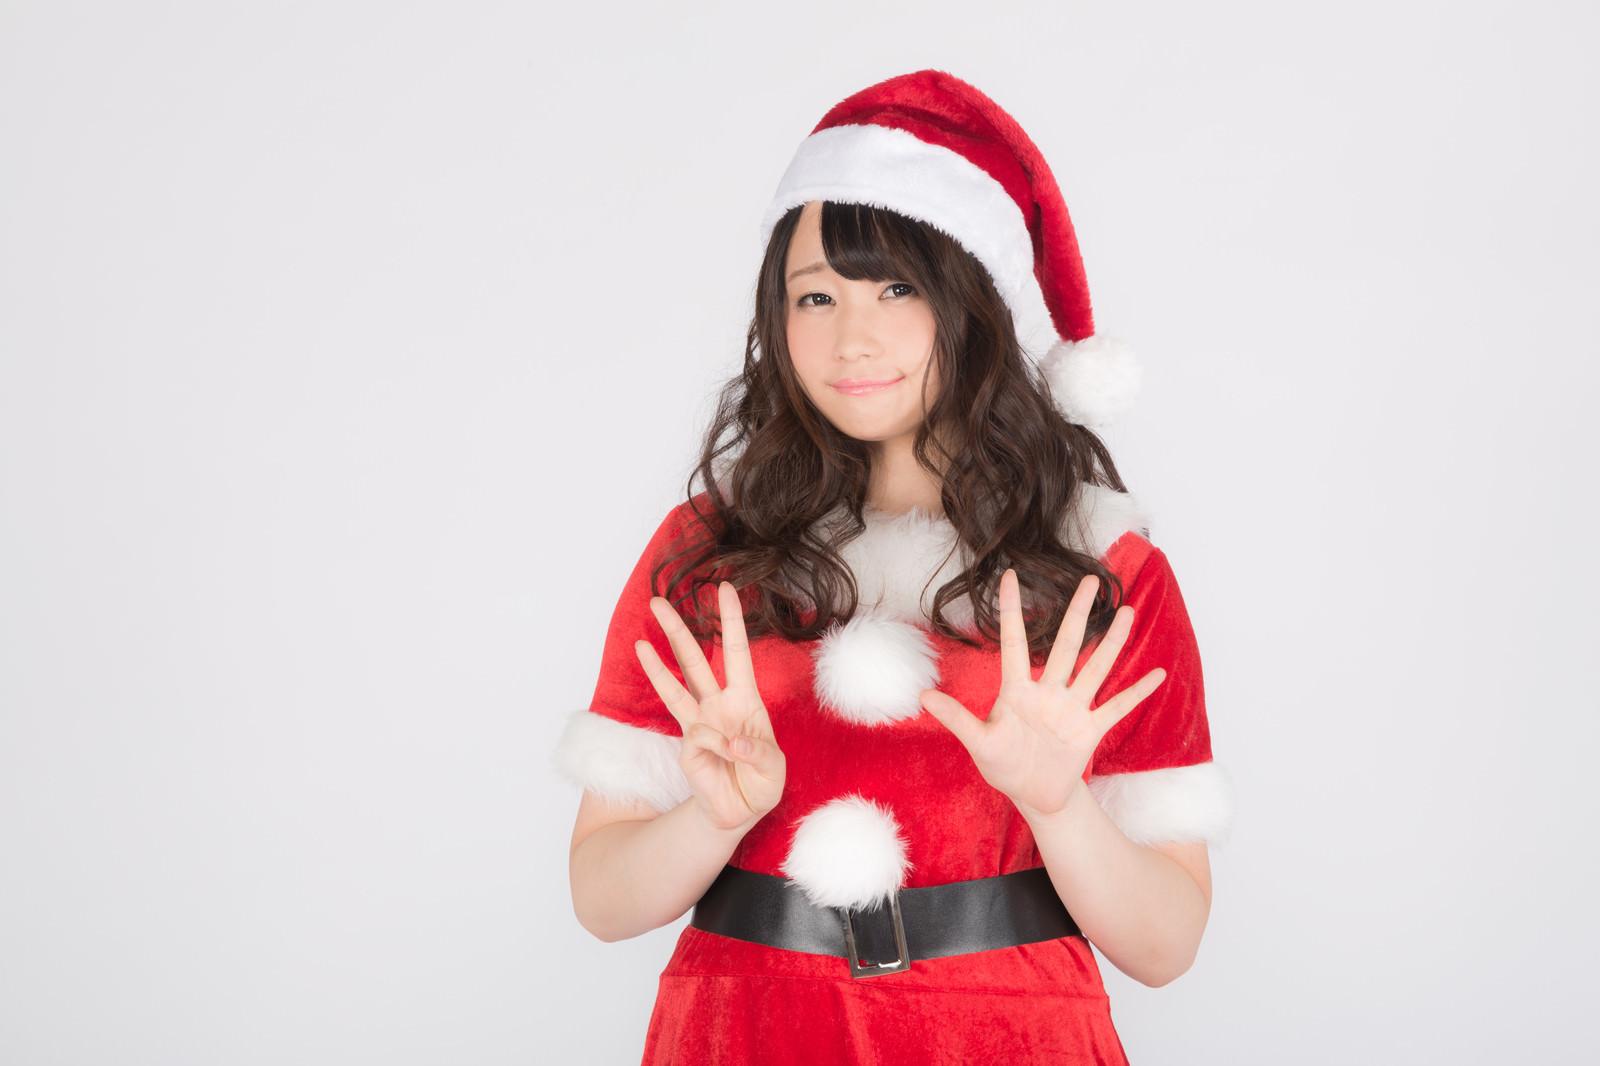 「クリスマスカウントダウン!あと8日」の写真